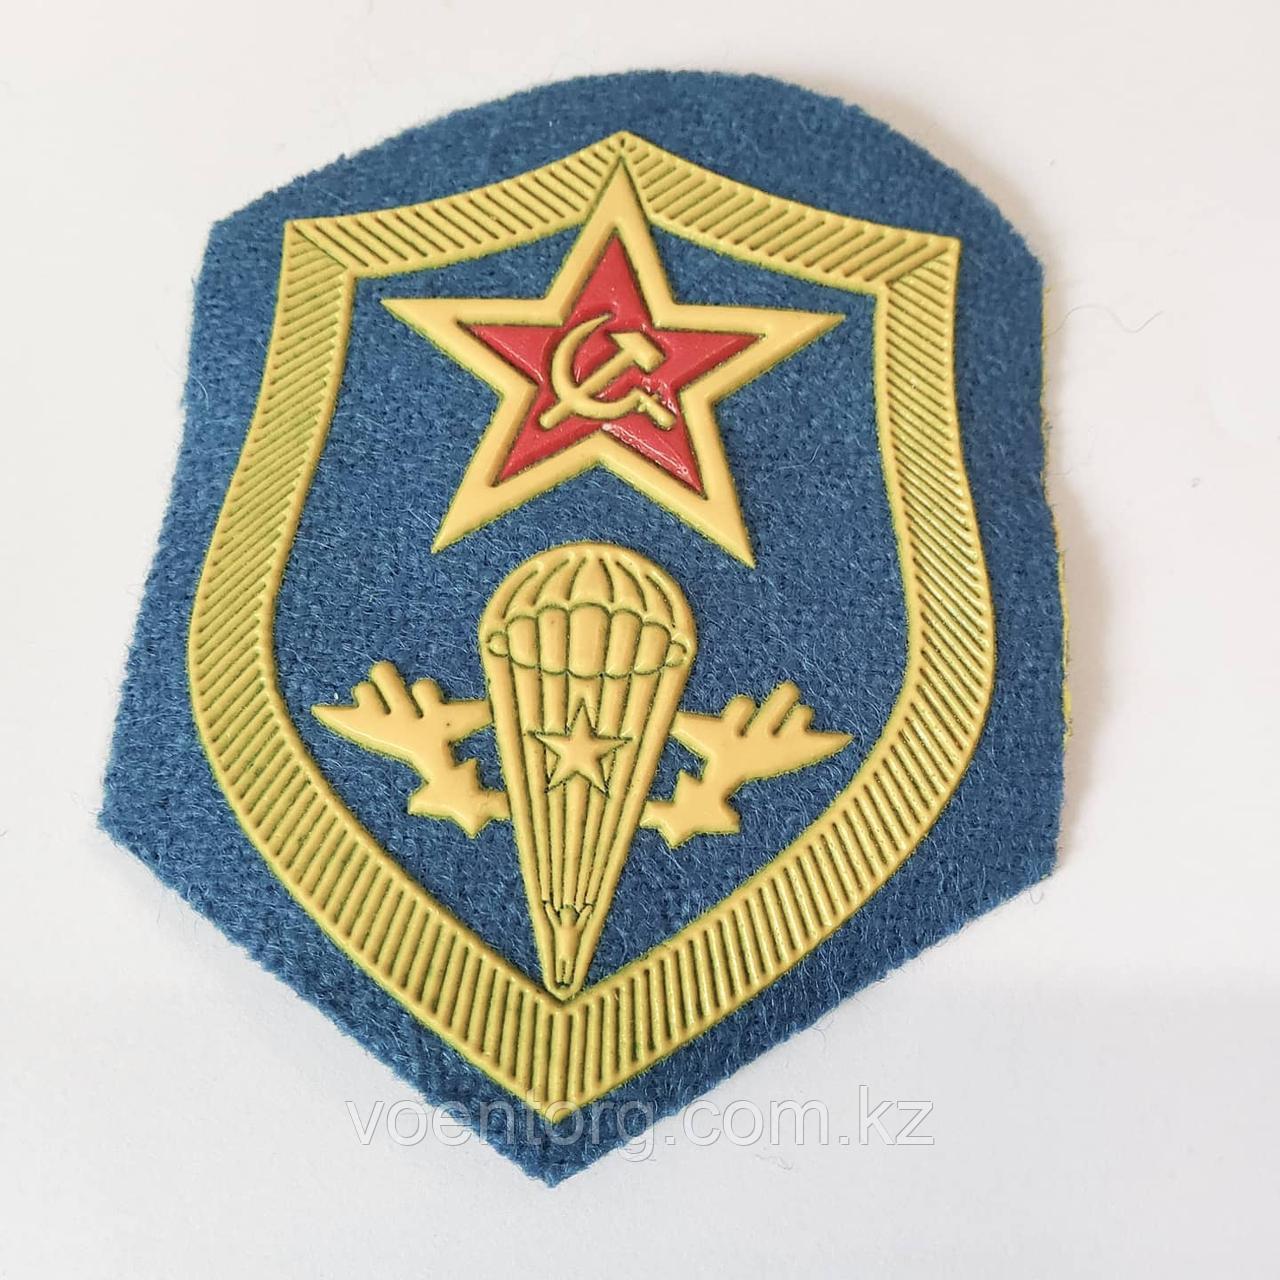 Шеврон пластизолевый СА обр. 1969 г. ВДВ